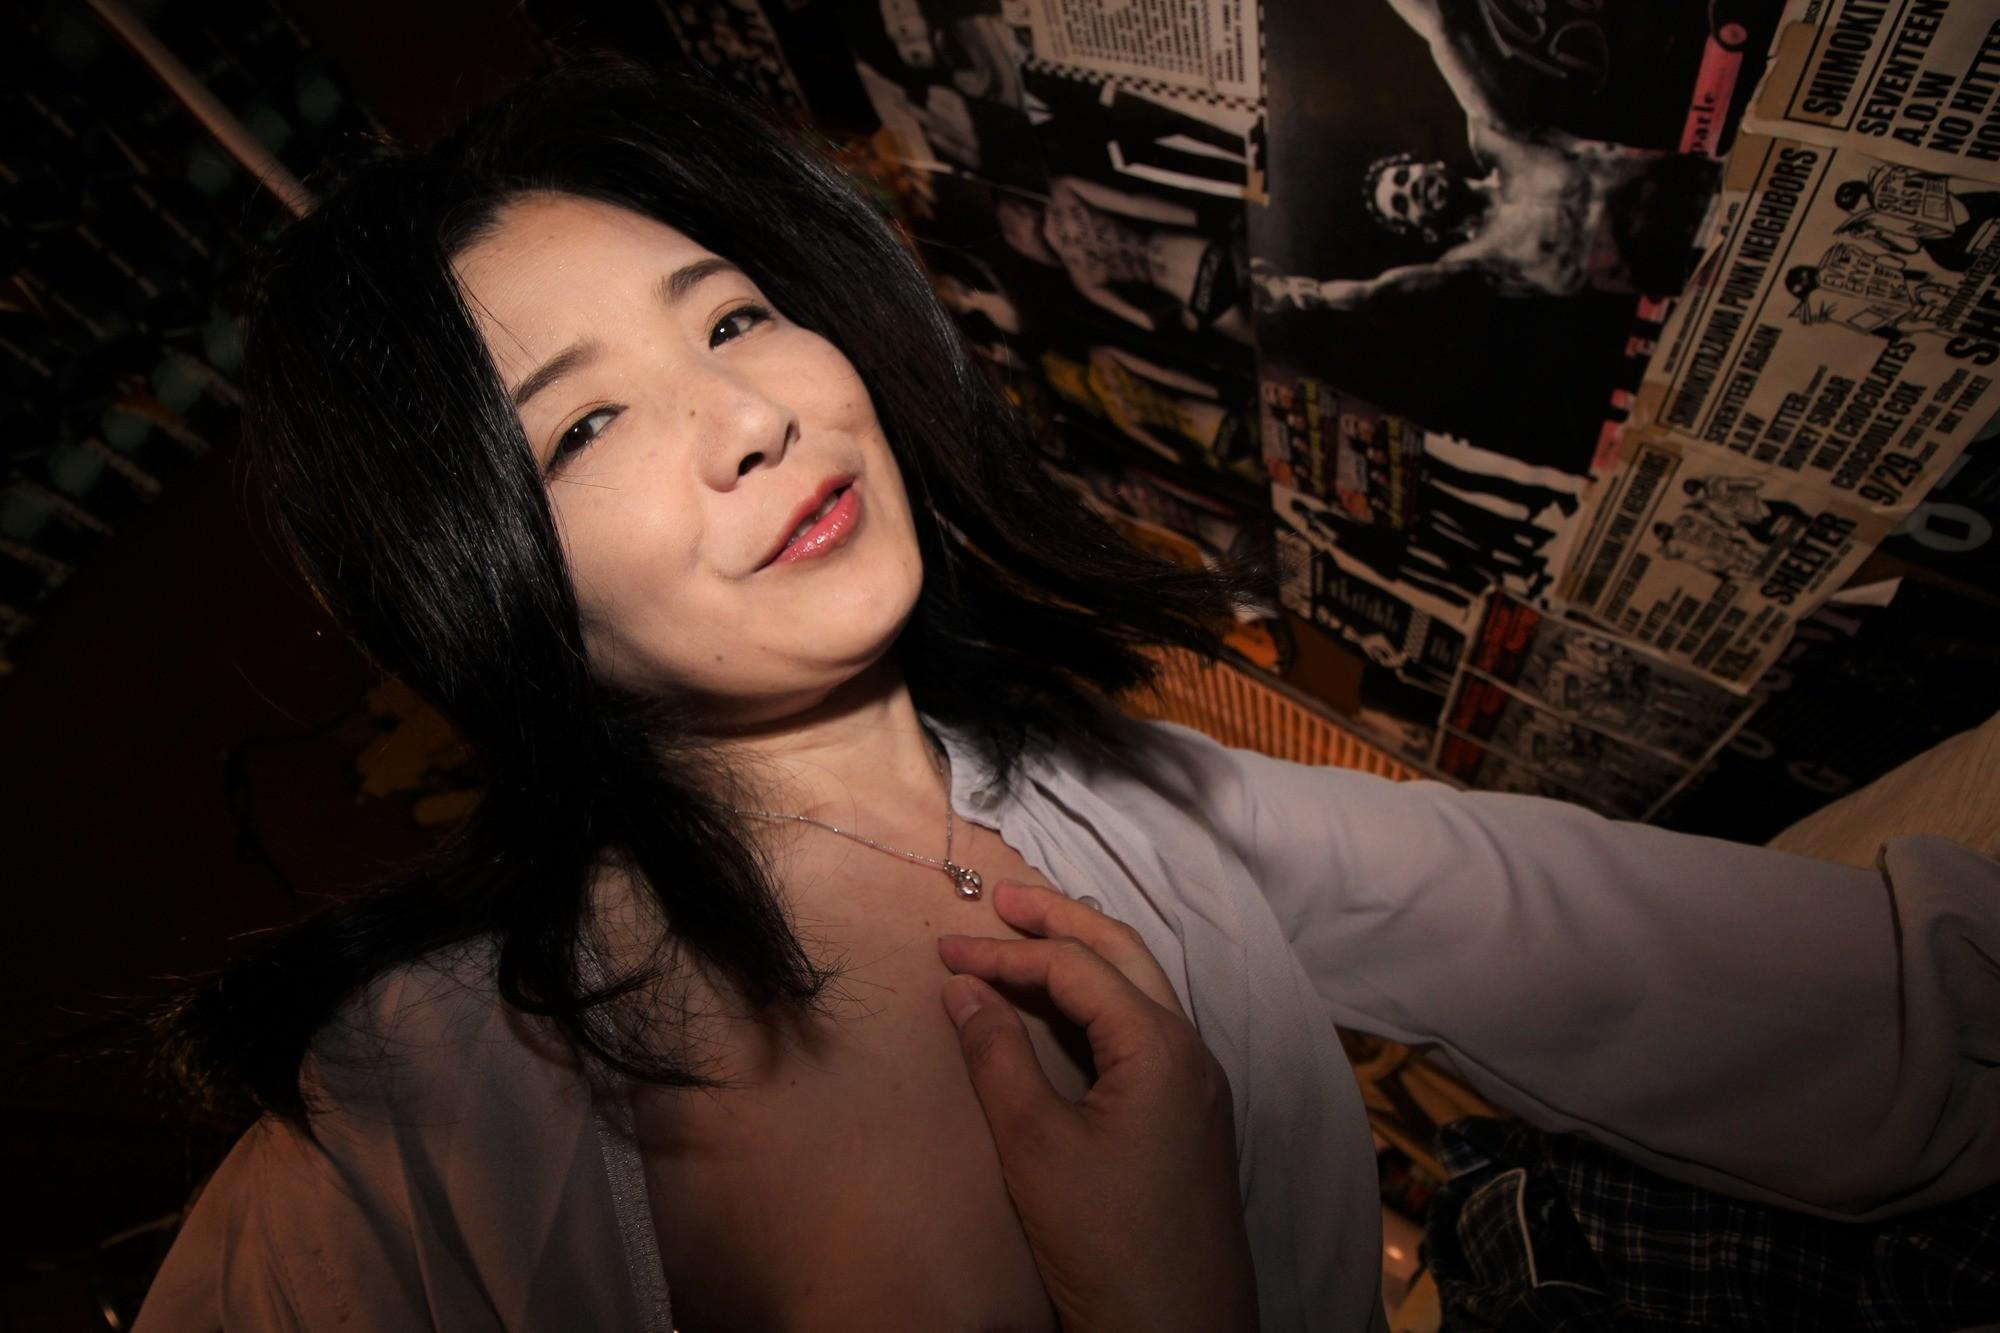 愛しのデリヘル嬢 素人売春生中出し 盗撮強制撮り下ろし 横山さん(主婦)42歳 画像3